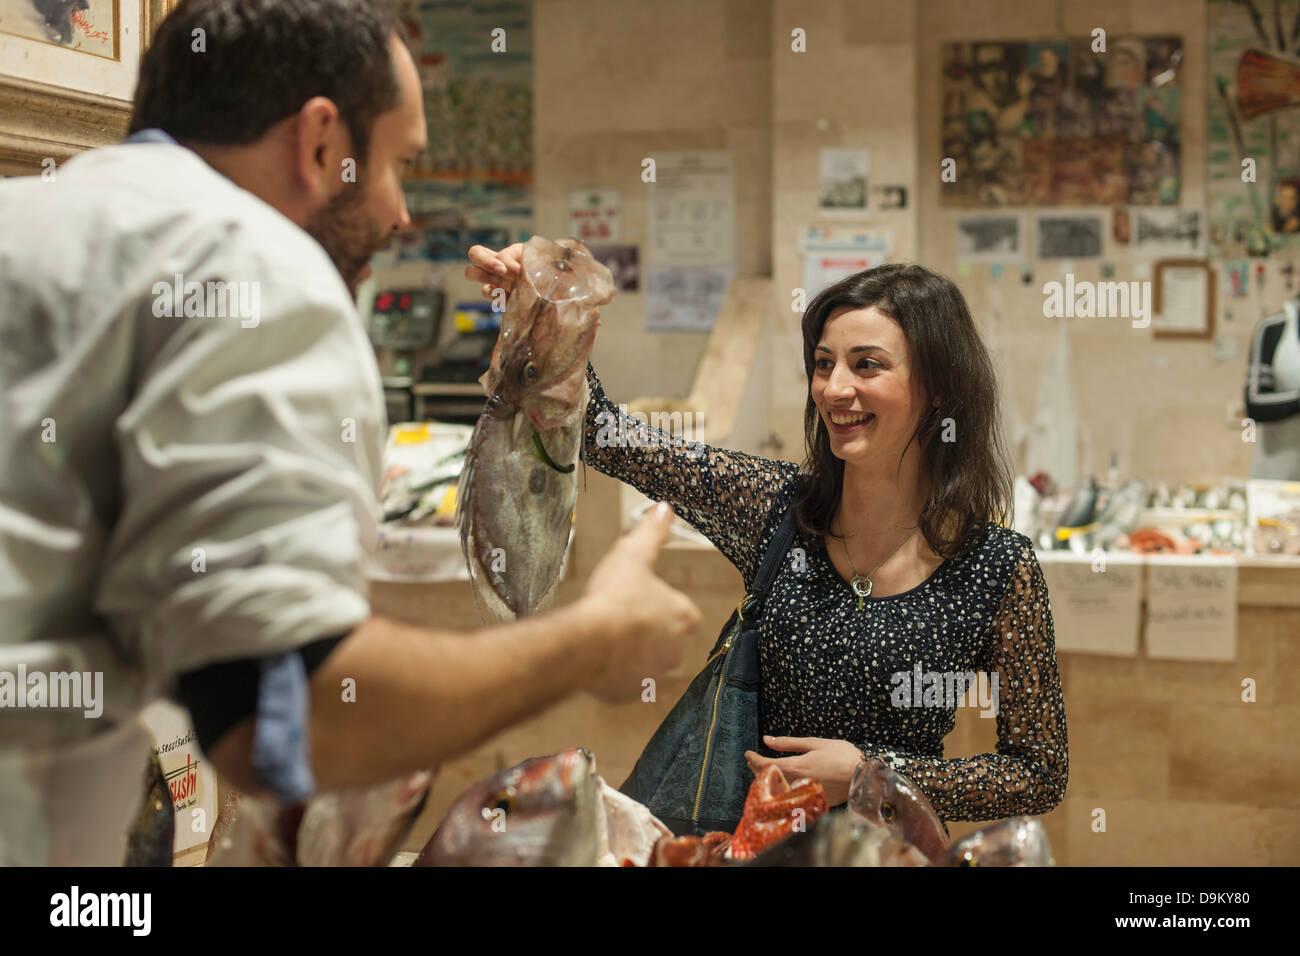 Donna acquistare pesce fresco pescivendolo Immagini Stock